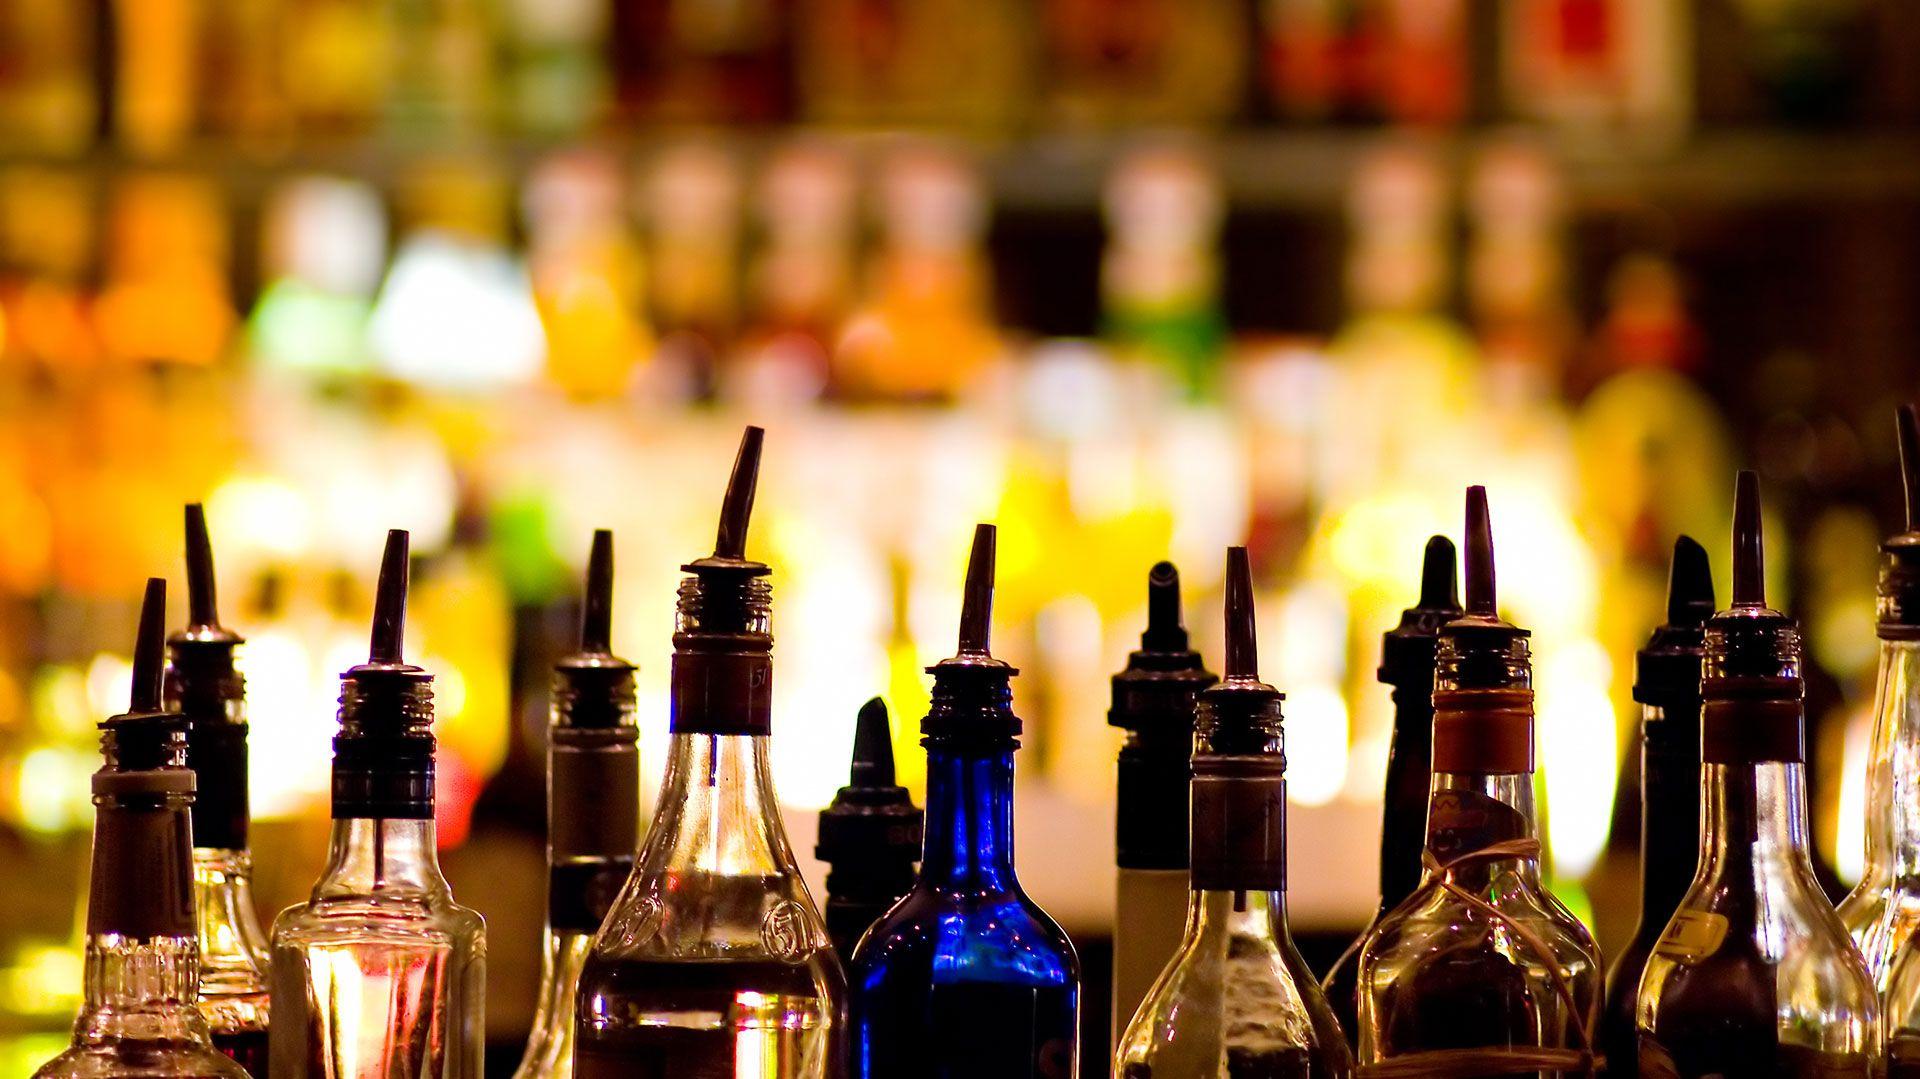 El consumo de alcohol también afecta al cerebro (Shutterstock)